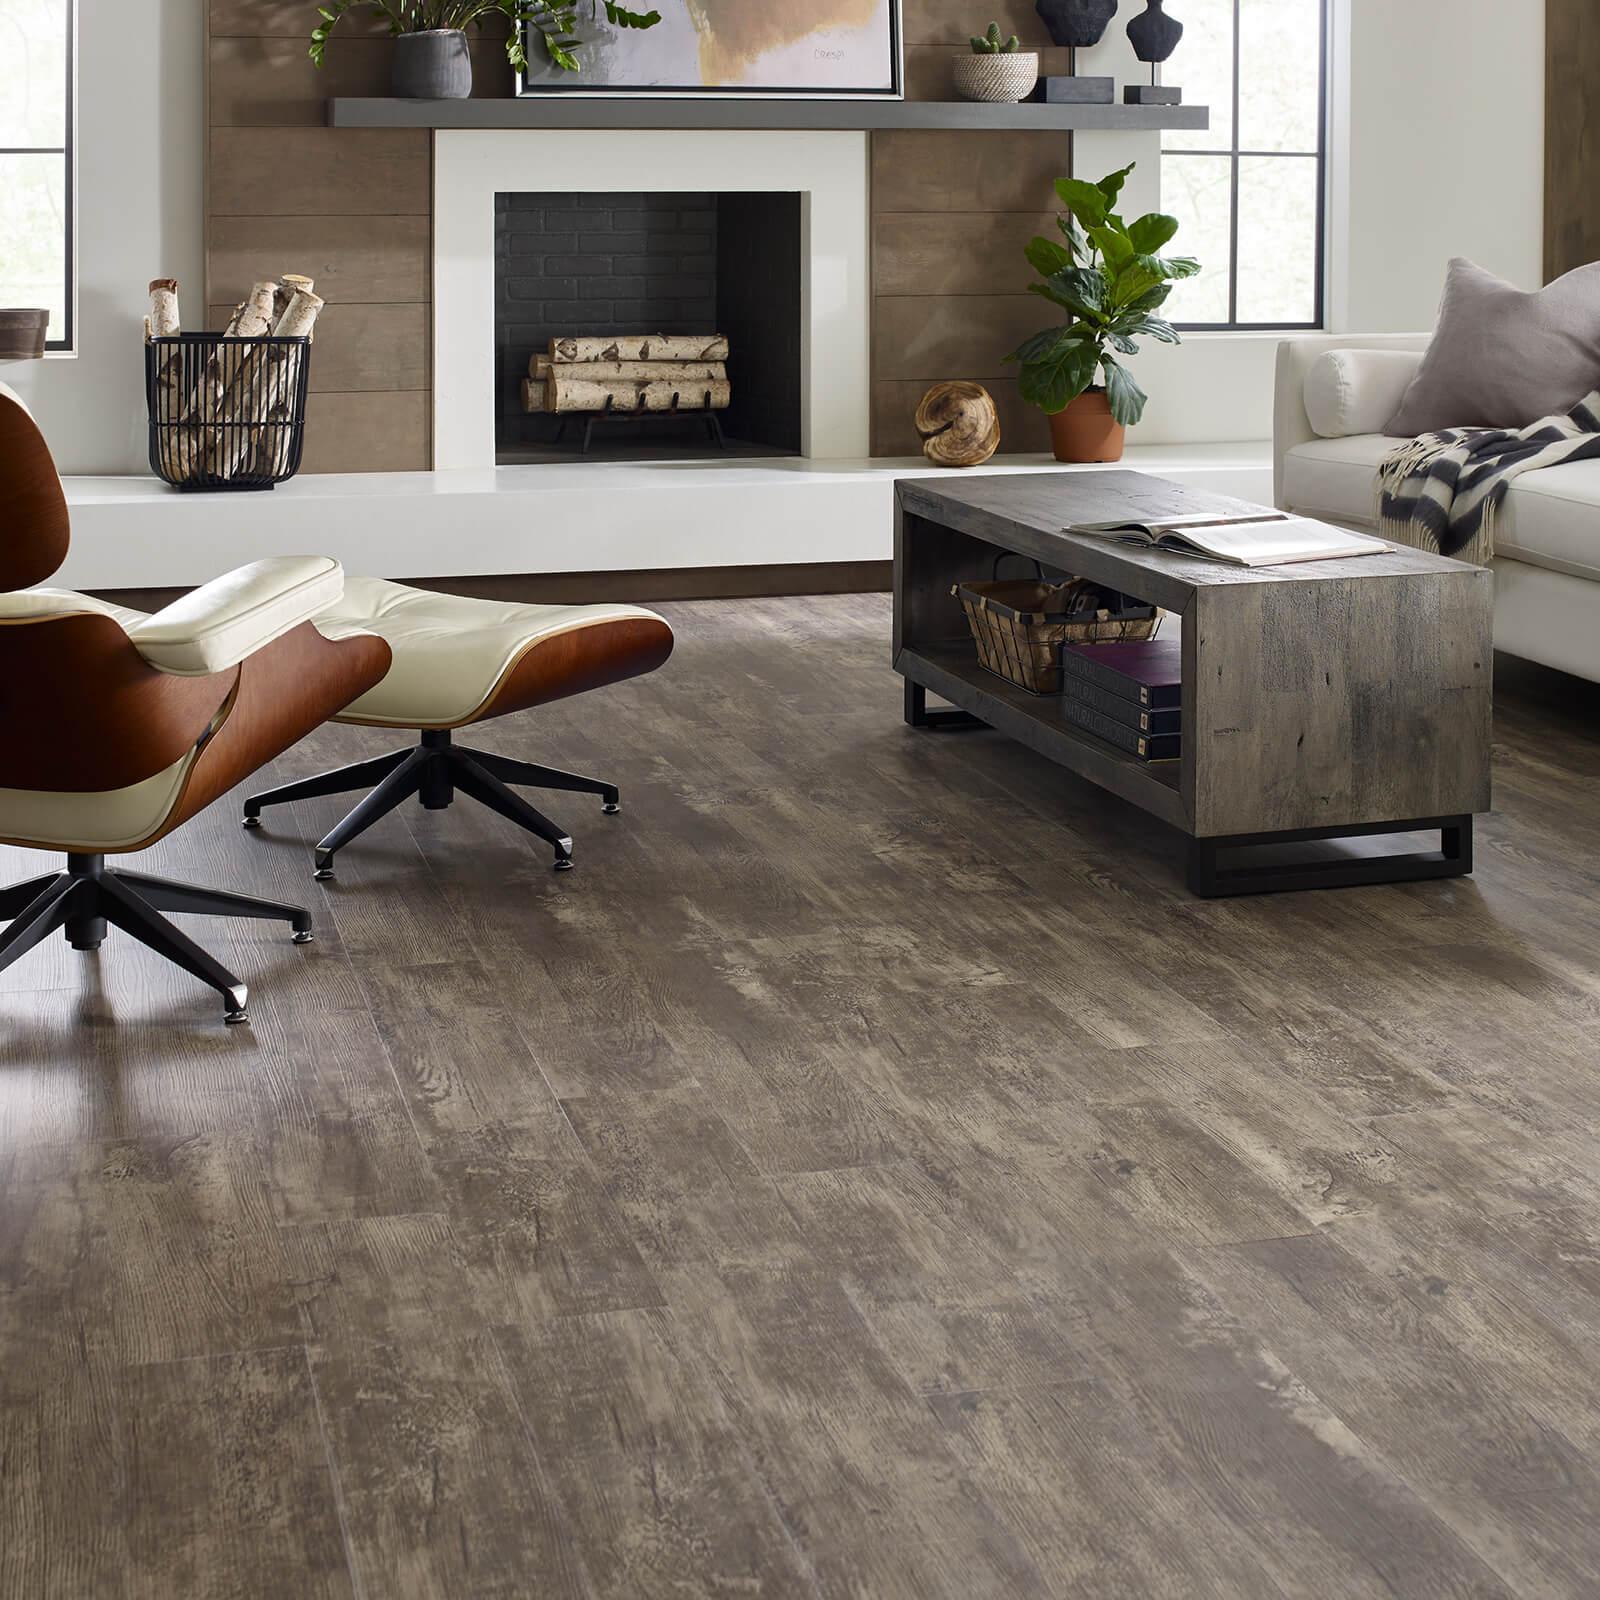 Paramount plus luxury vinyl flooring   Elite Builder Services